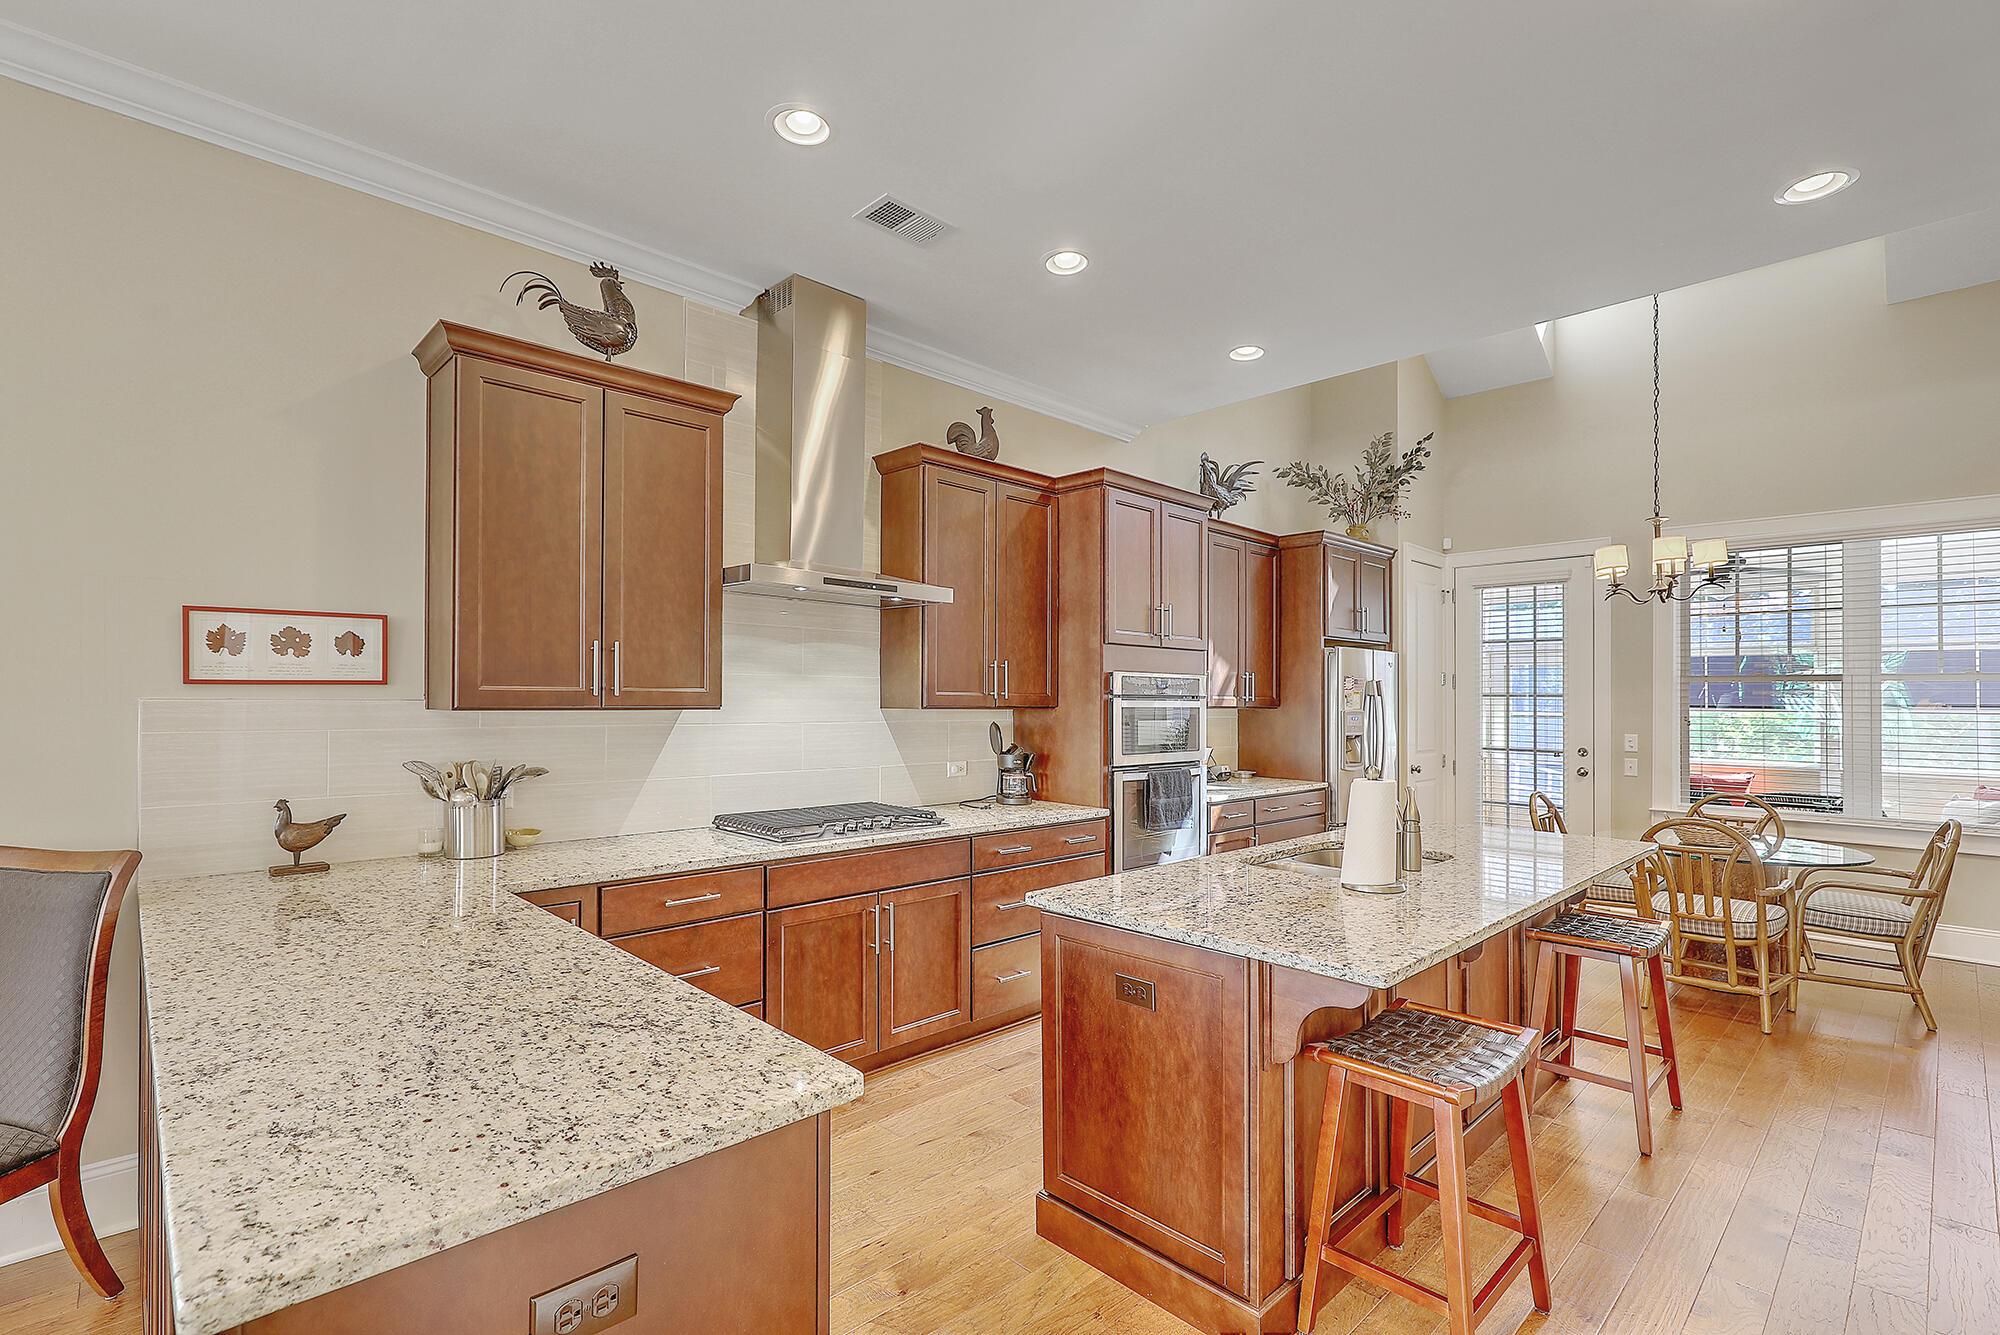 Dunes West Homes For Sale - 3171 Sturbridge, Mount Pleasant, SC - 55